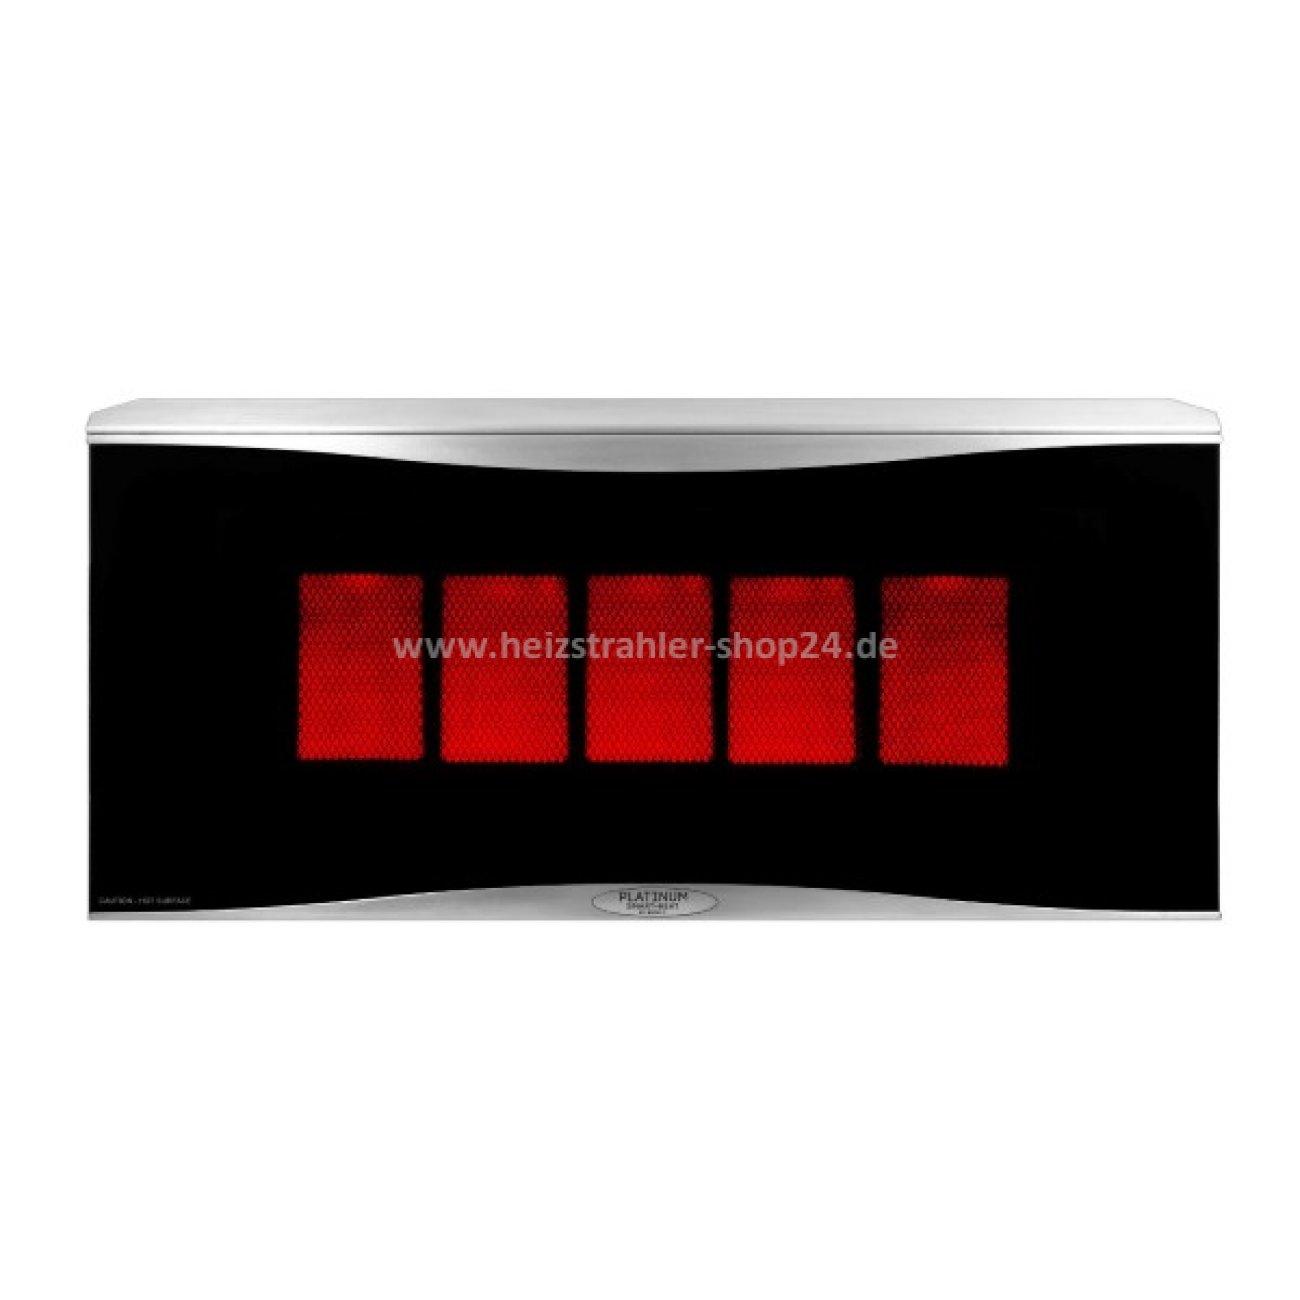 gasheizstrahler platinum von bromic. Black Bedroom Furniture Sets. Home Design Ideas